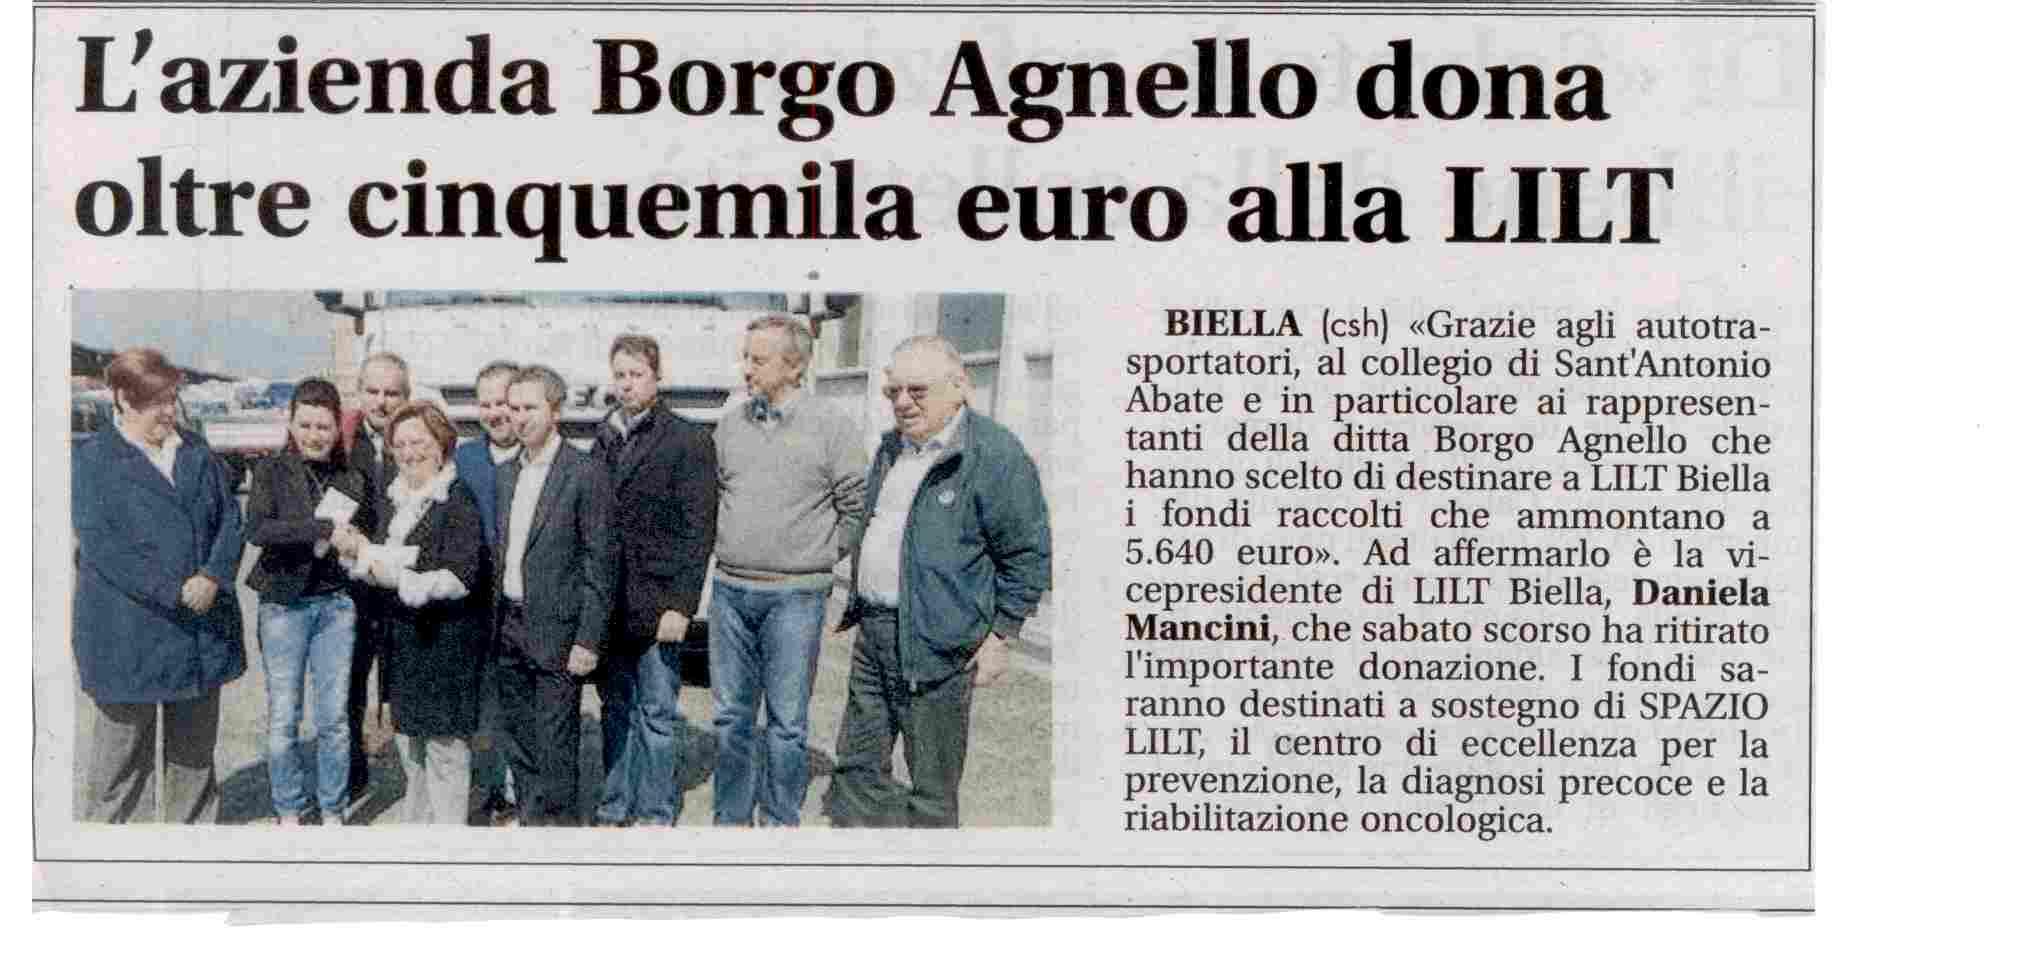 L'Azienda Borgo Agnello dona oltre 5000 € alla LILT